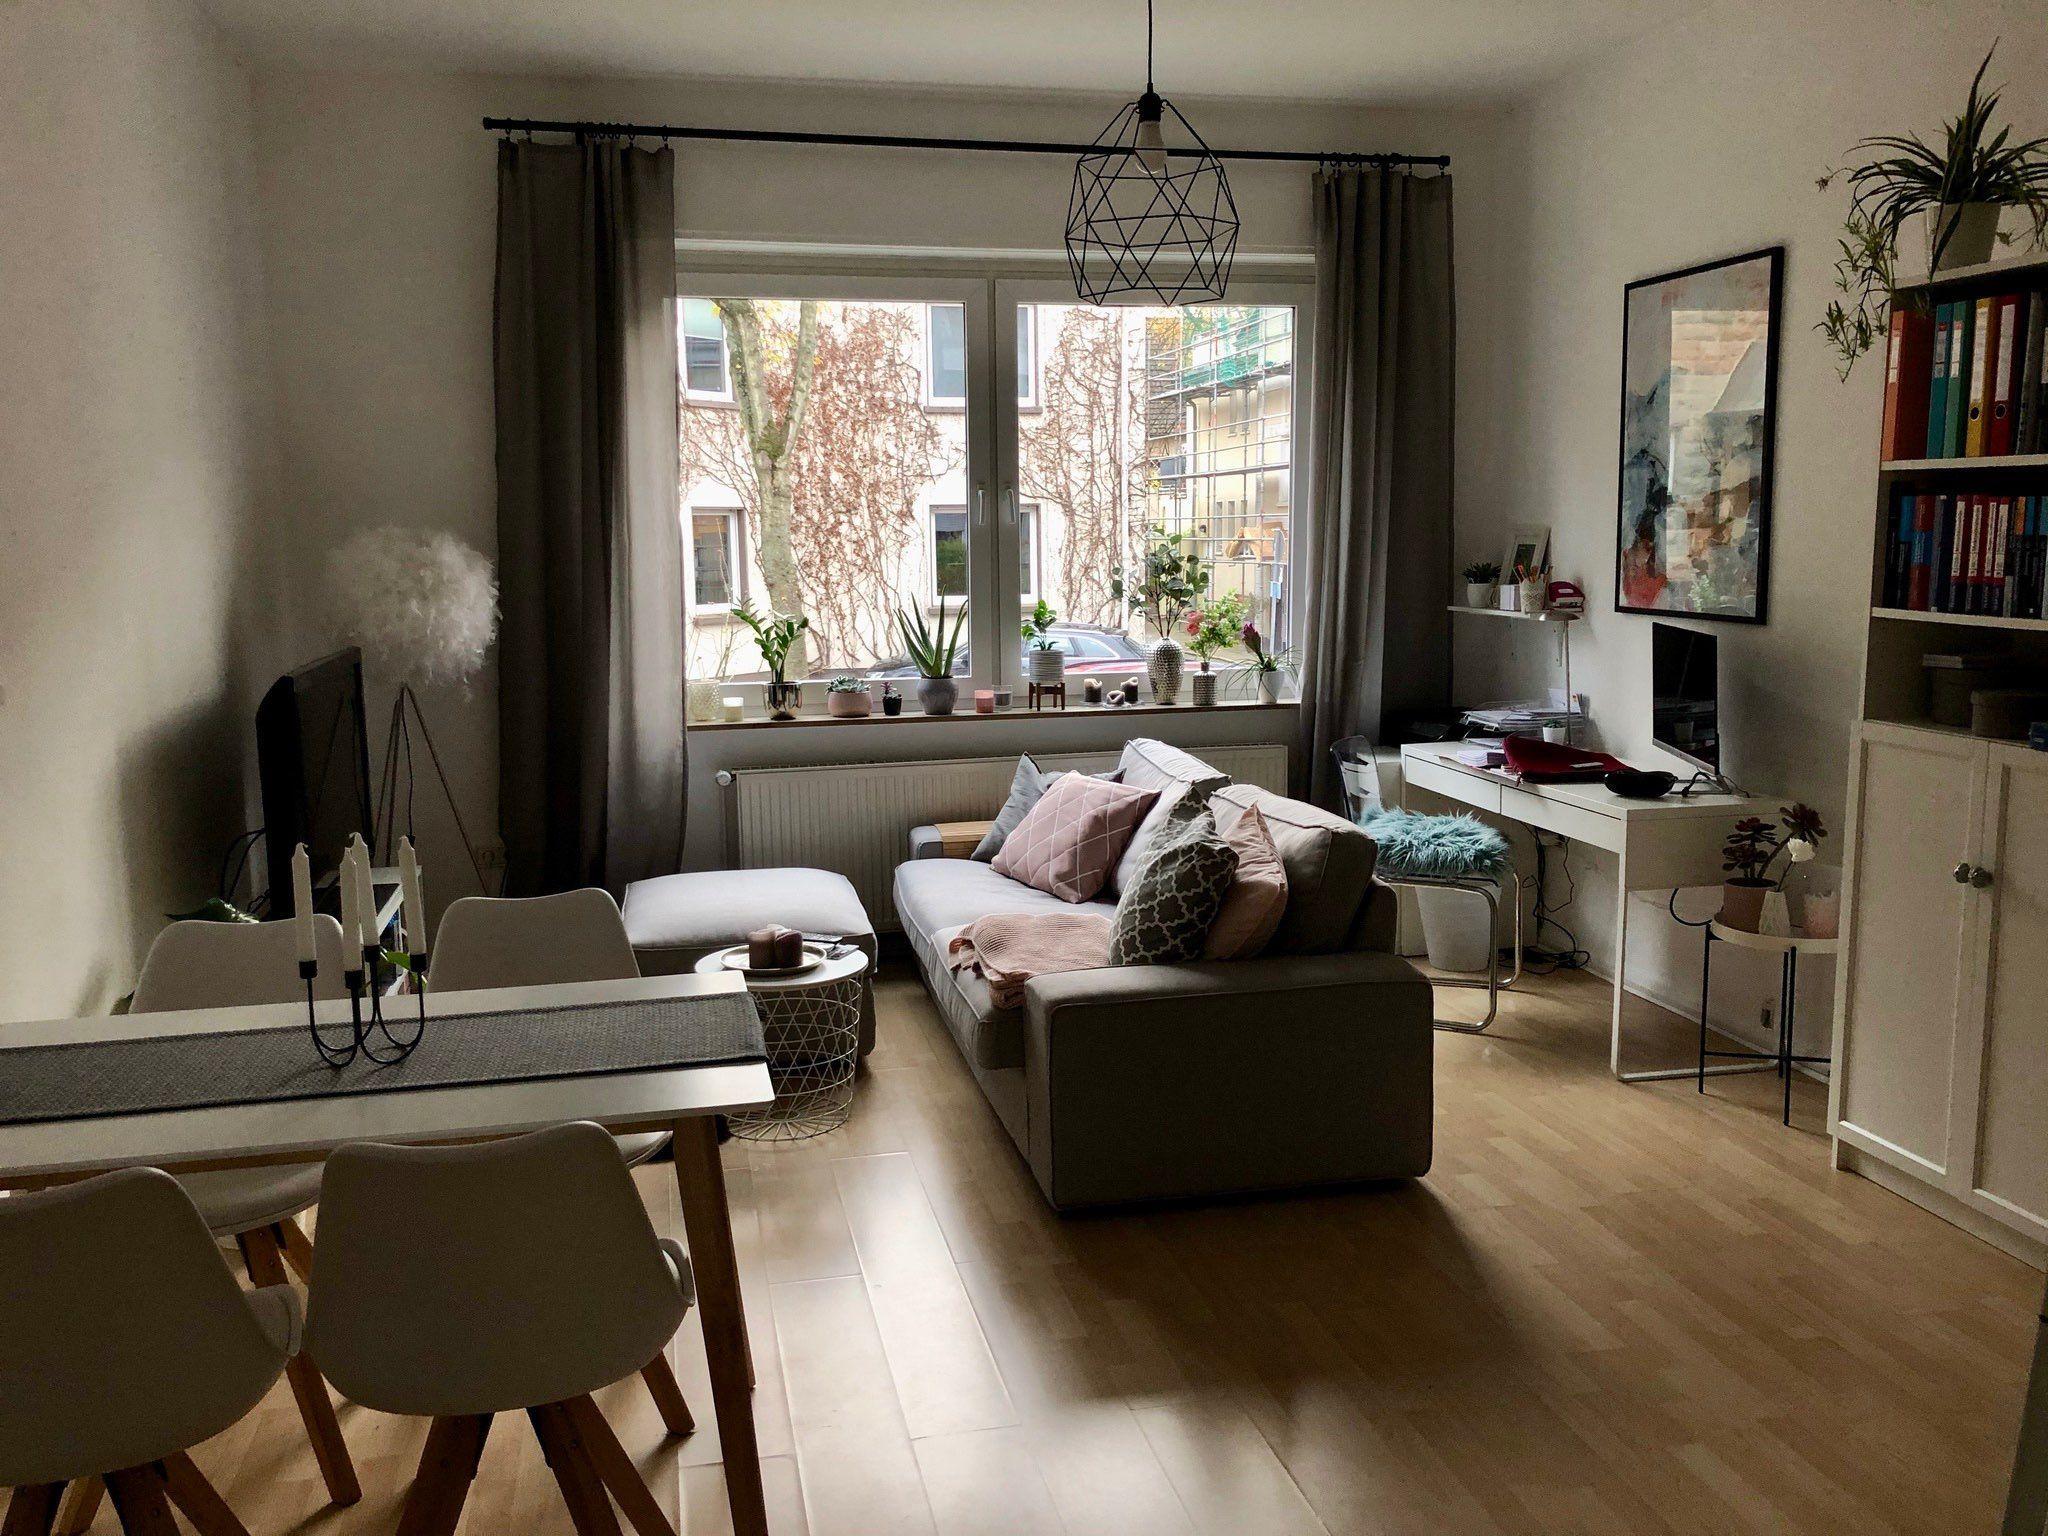 Wohnzimmer Und Esszimmer In Einem Raum Ideen in 7  Wohnung